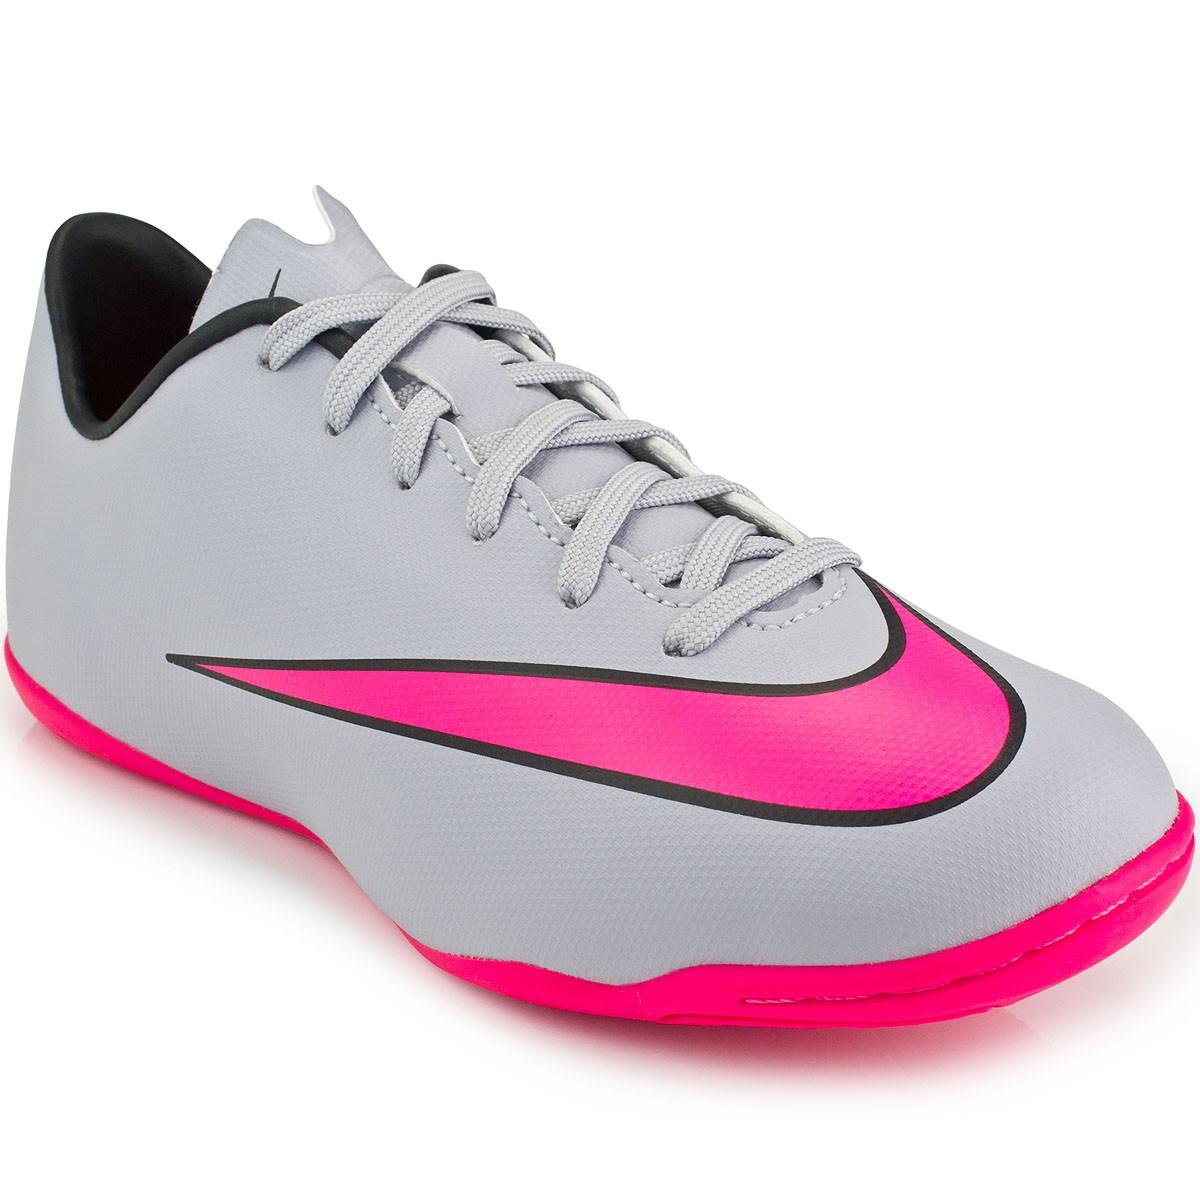 21206b134a Chuteira Nike Mercurial Victory V IC Jr